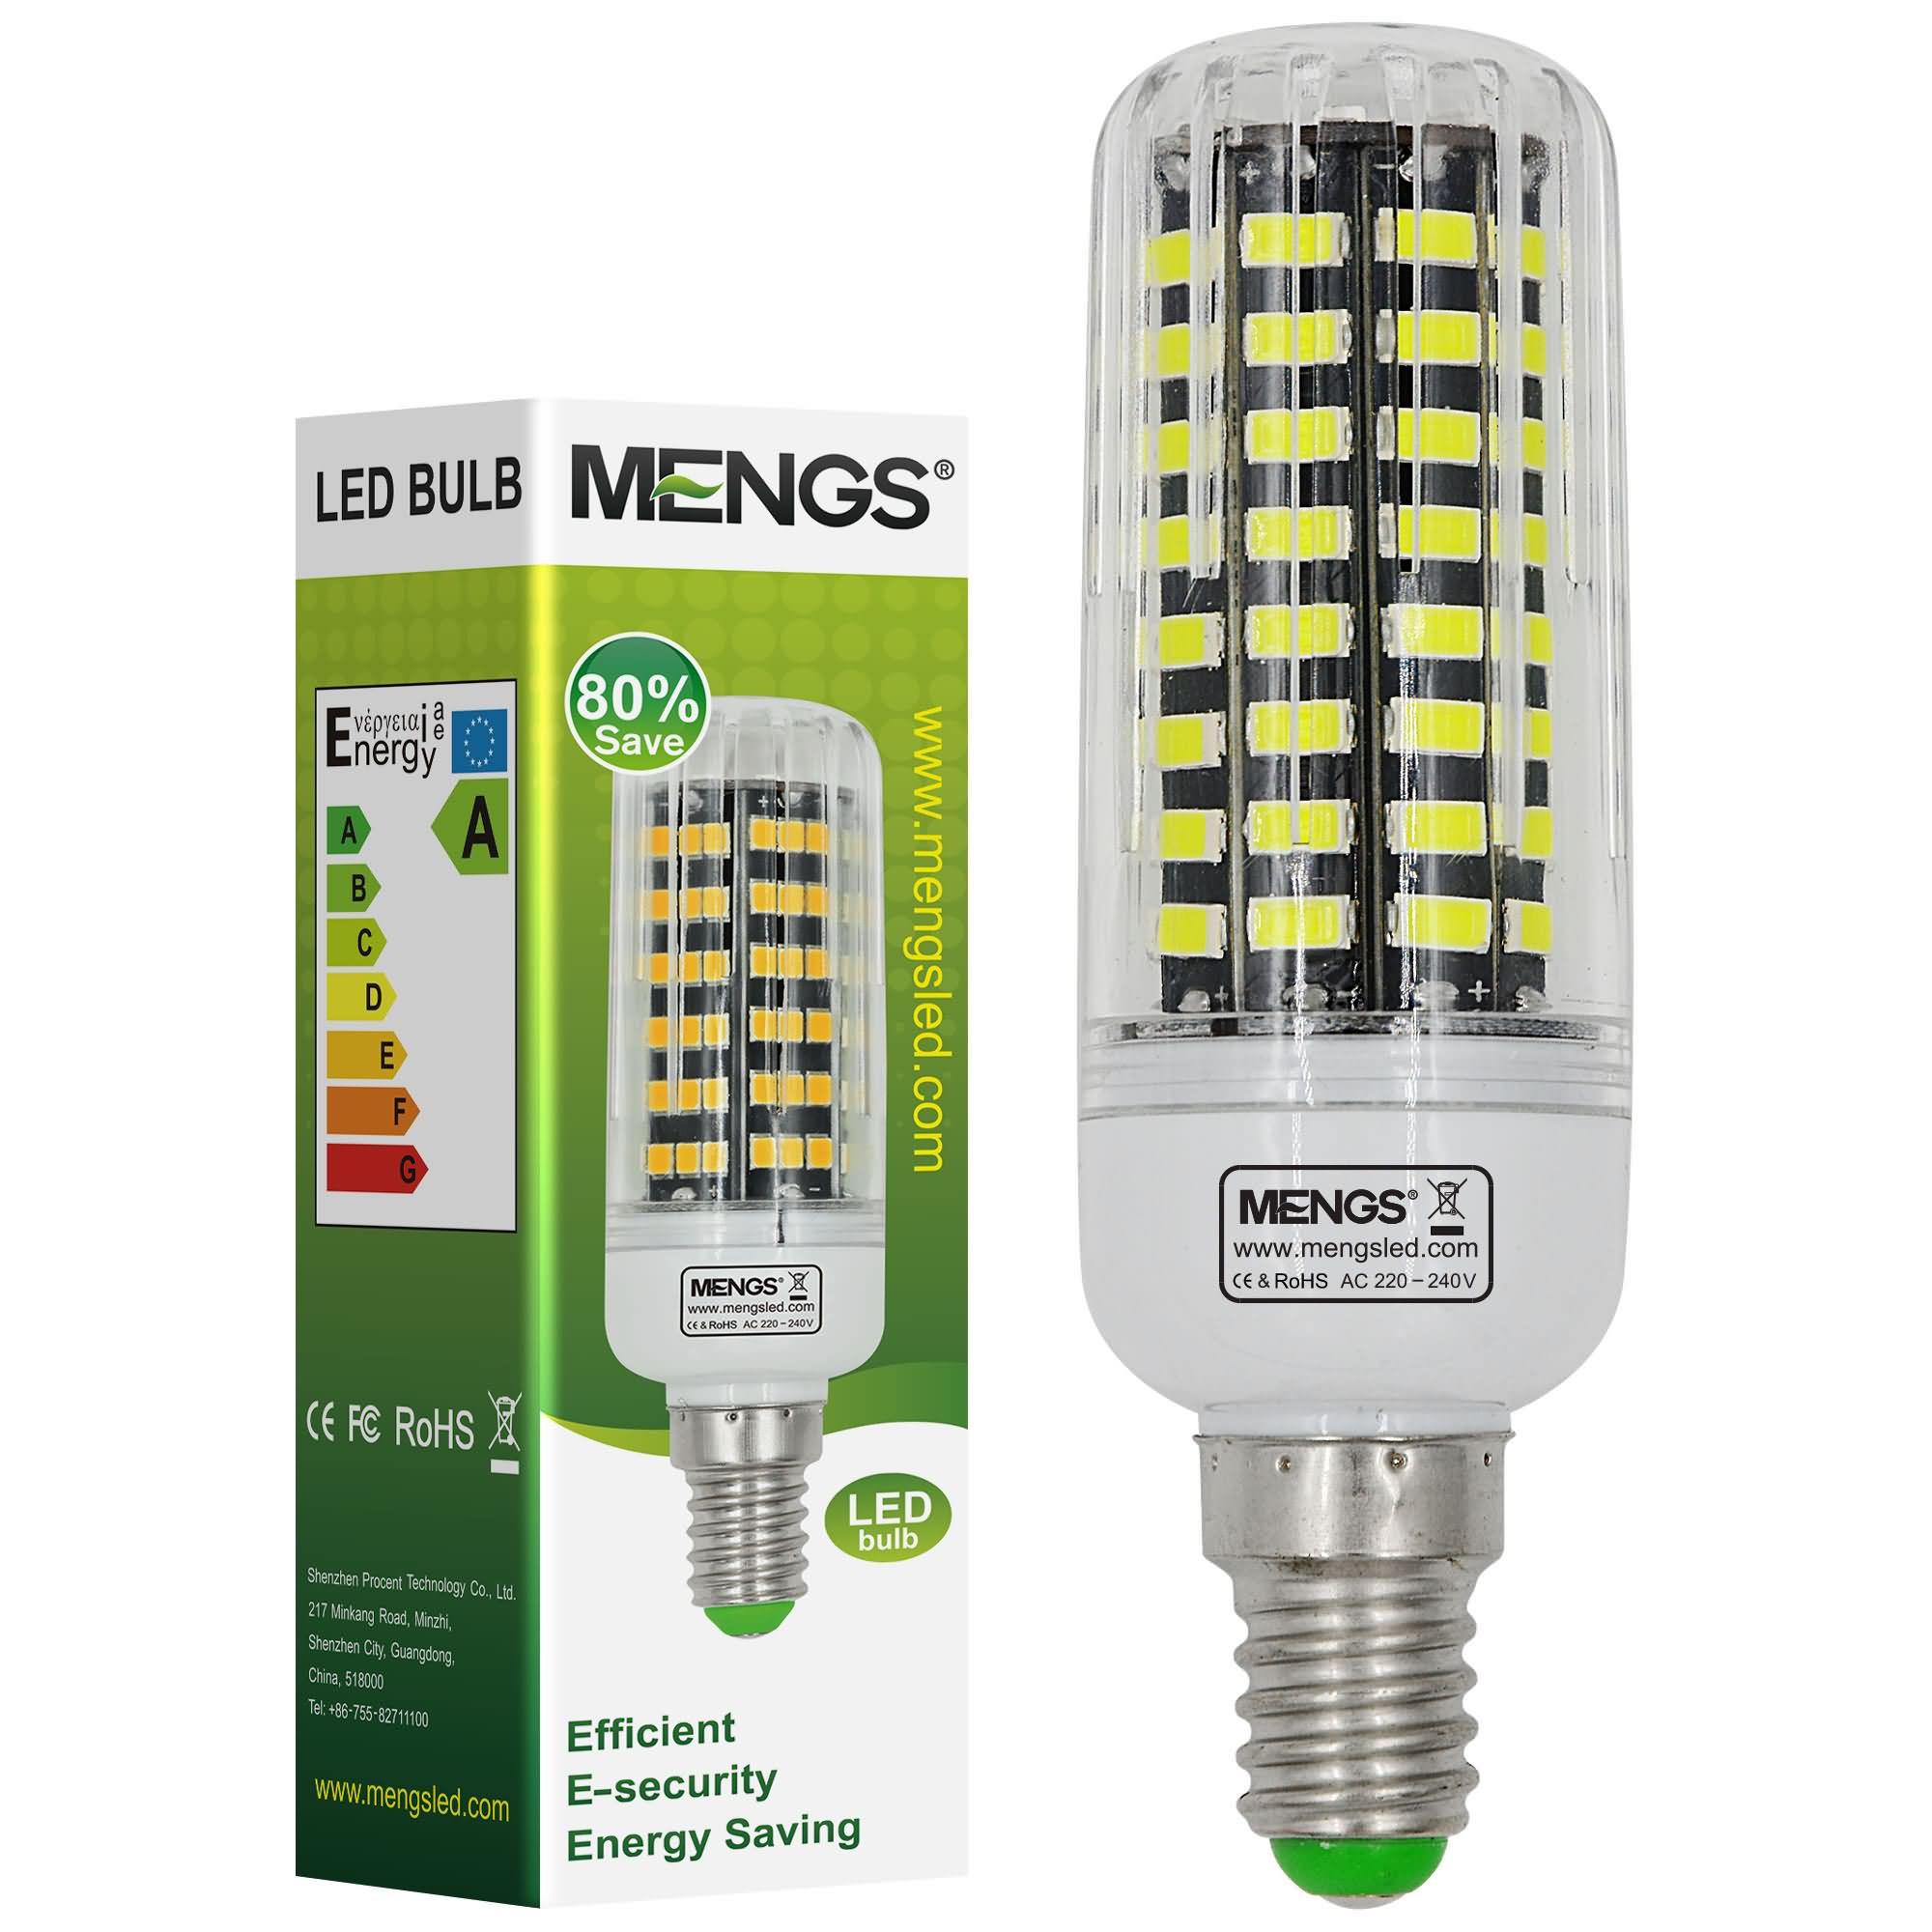 MENGS® E14 11W LED Corn Light 80x 5733 SMD LED Bulb Lamp In Cool White Energy-Saving Light